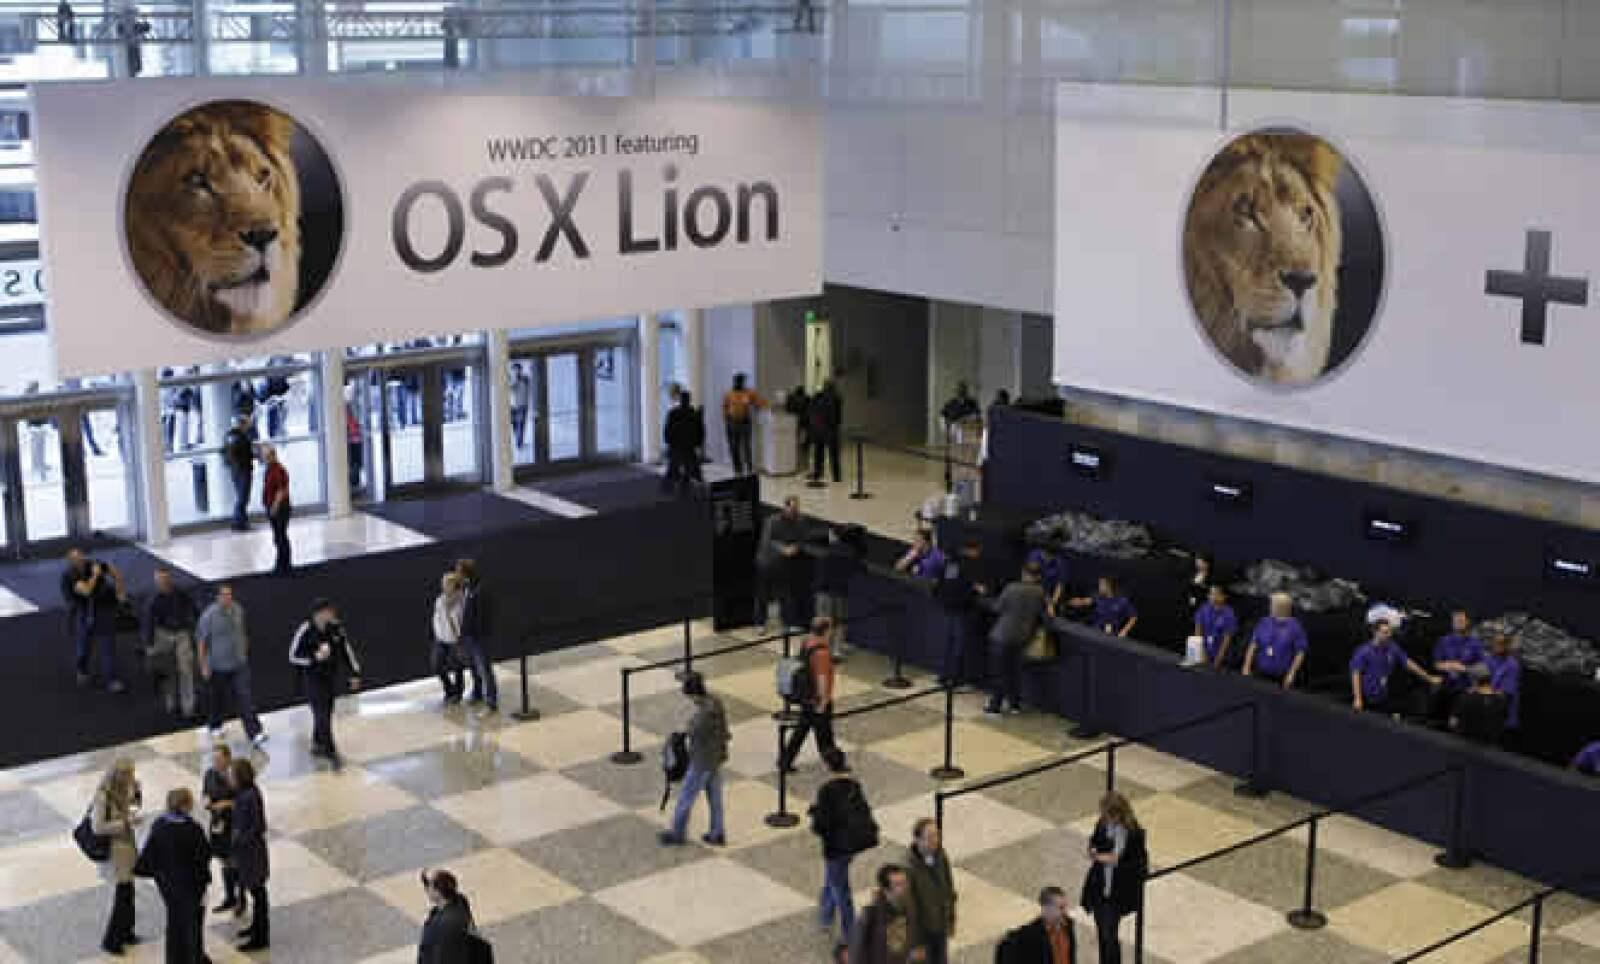 Los usuarios de productos Apple descargaron 14,000 millones de aplicaciones, dejando una derrama de 2,500 millones de dólares a los desarrolladores.